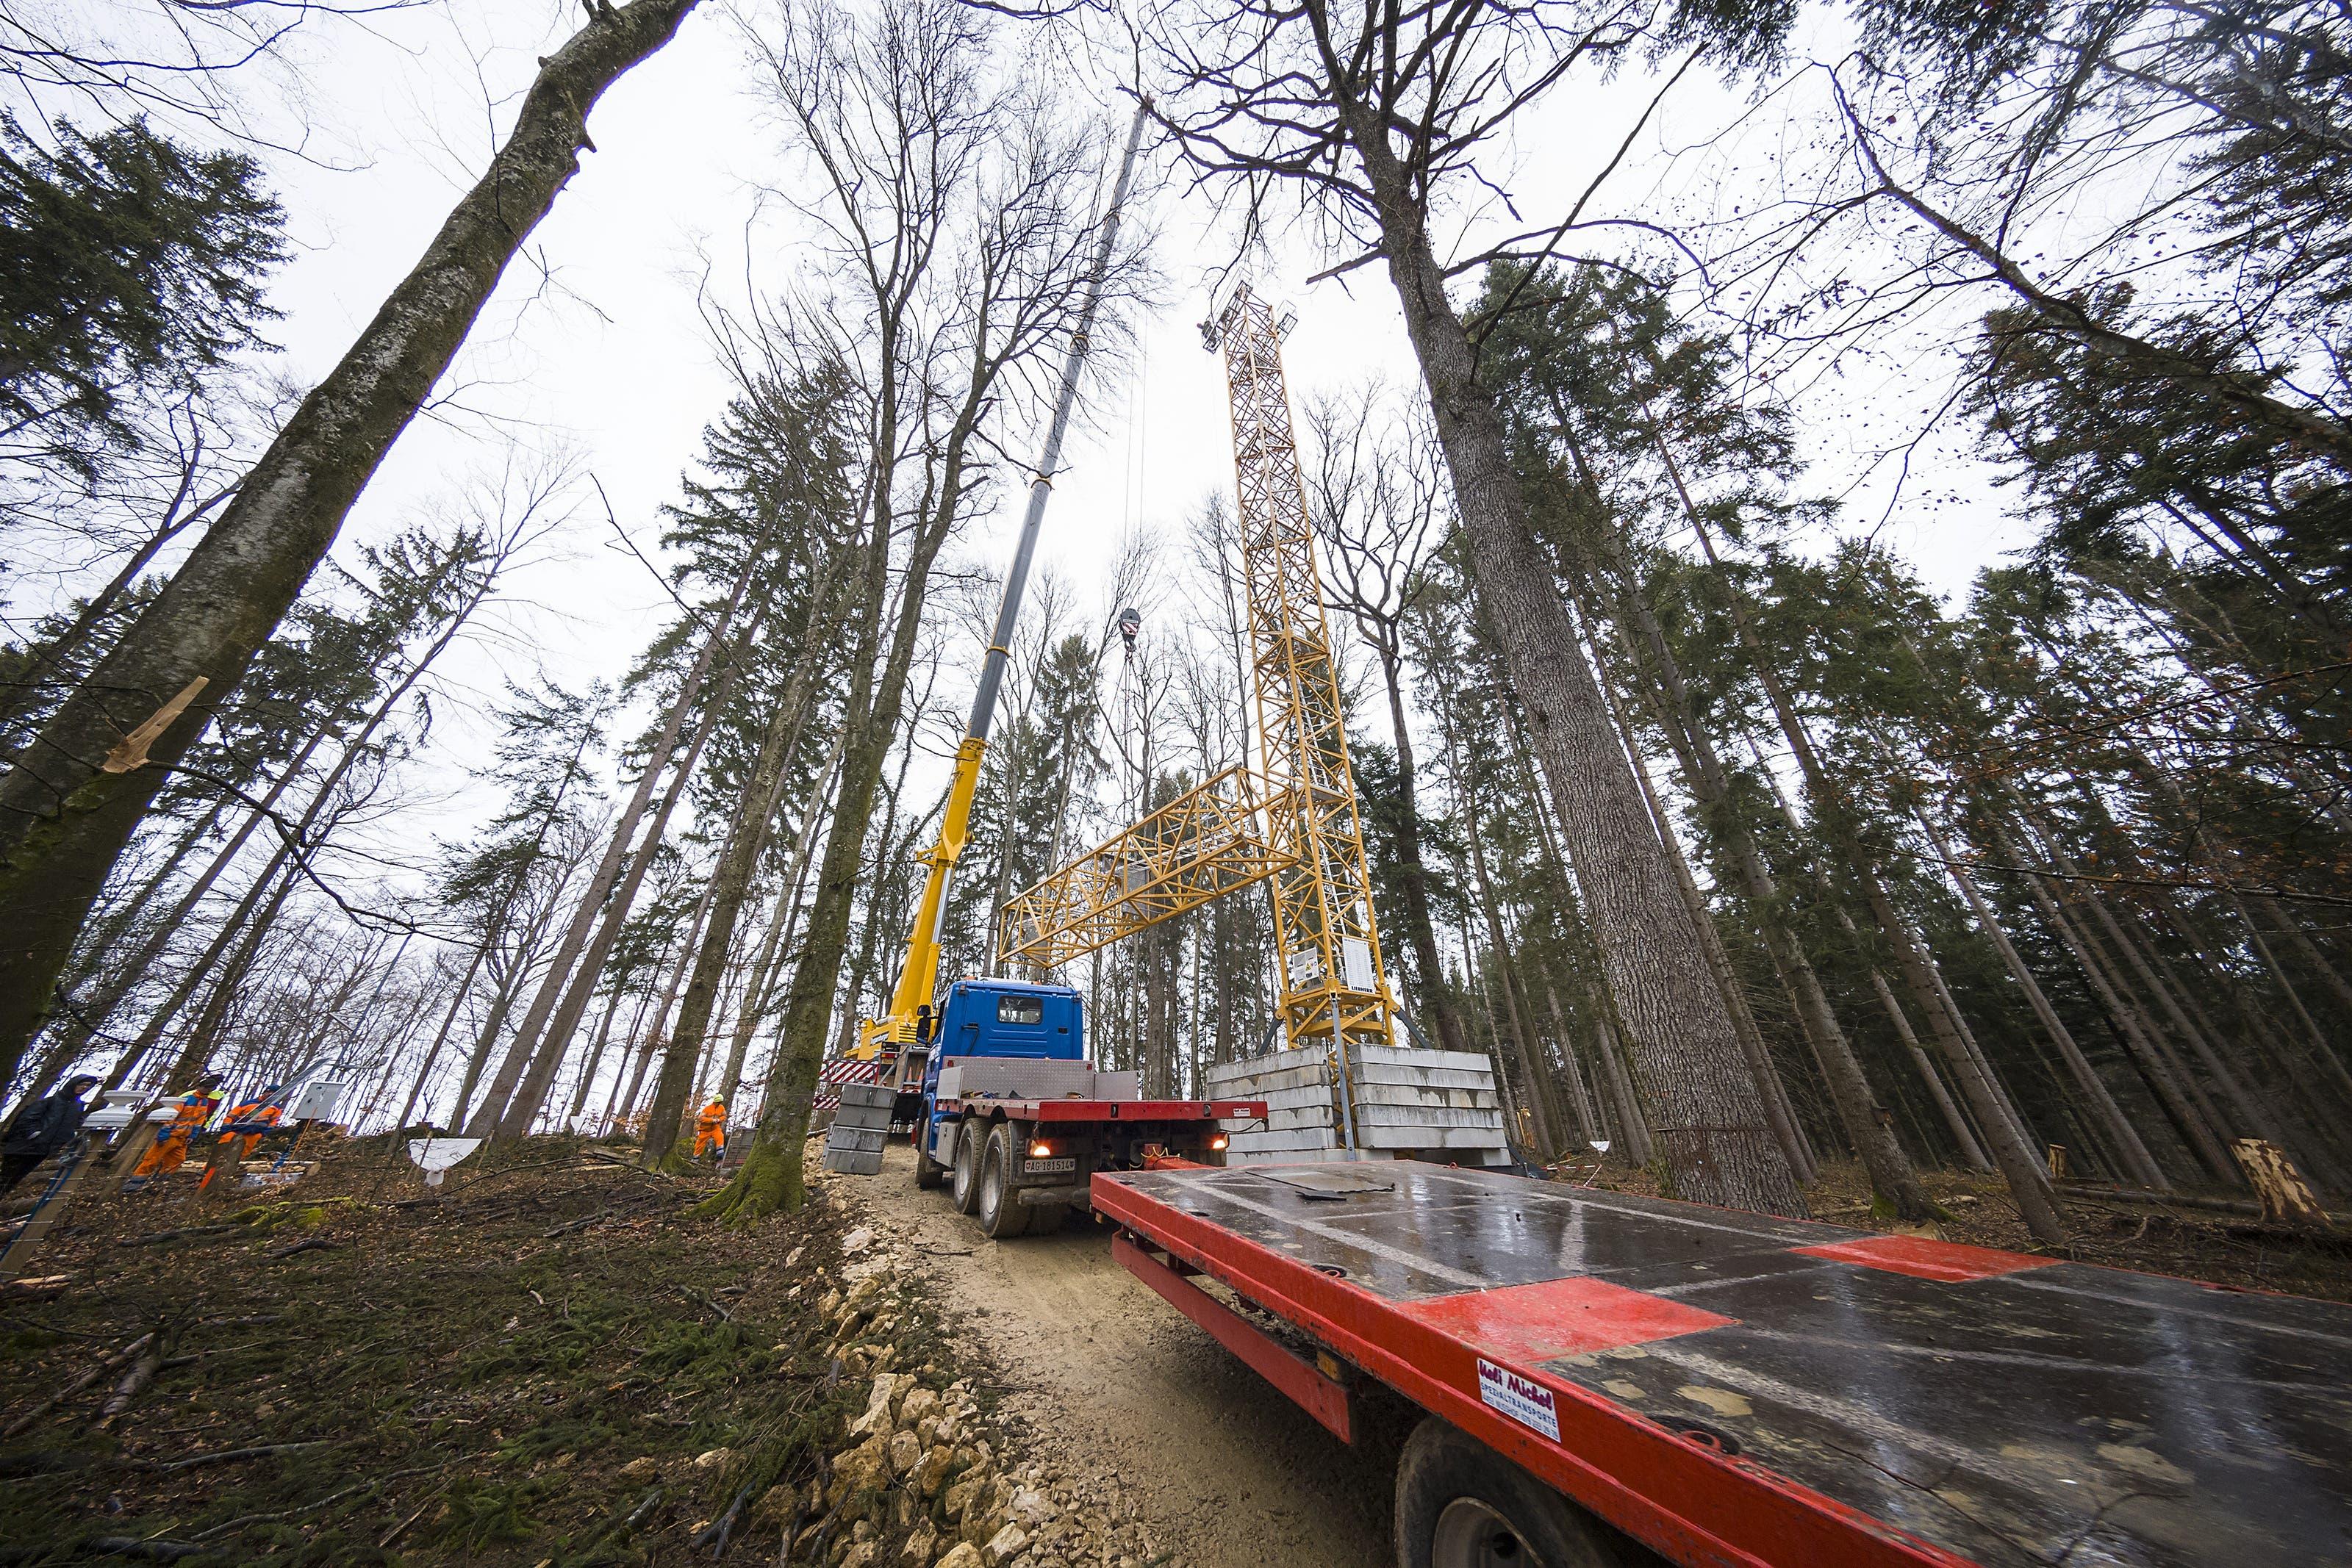 Waldexperiment Die Uni Basel untersucht mittels grossangelegtem Waldexperiment Auswirkungen des Klimawandels